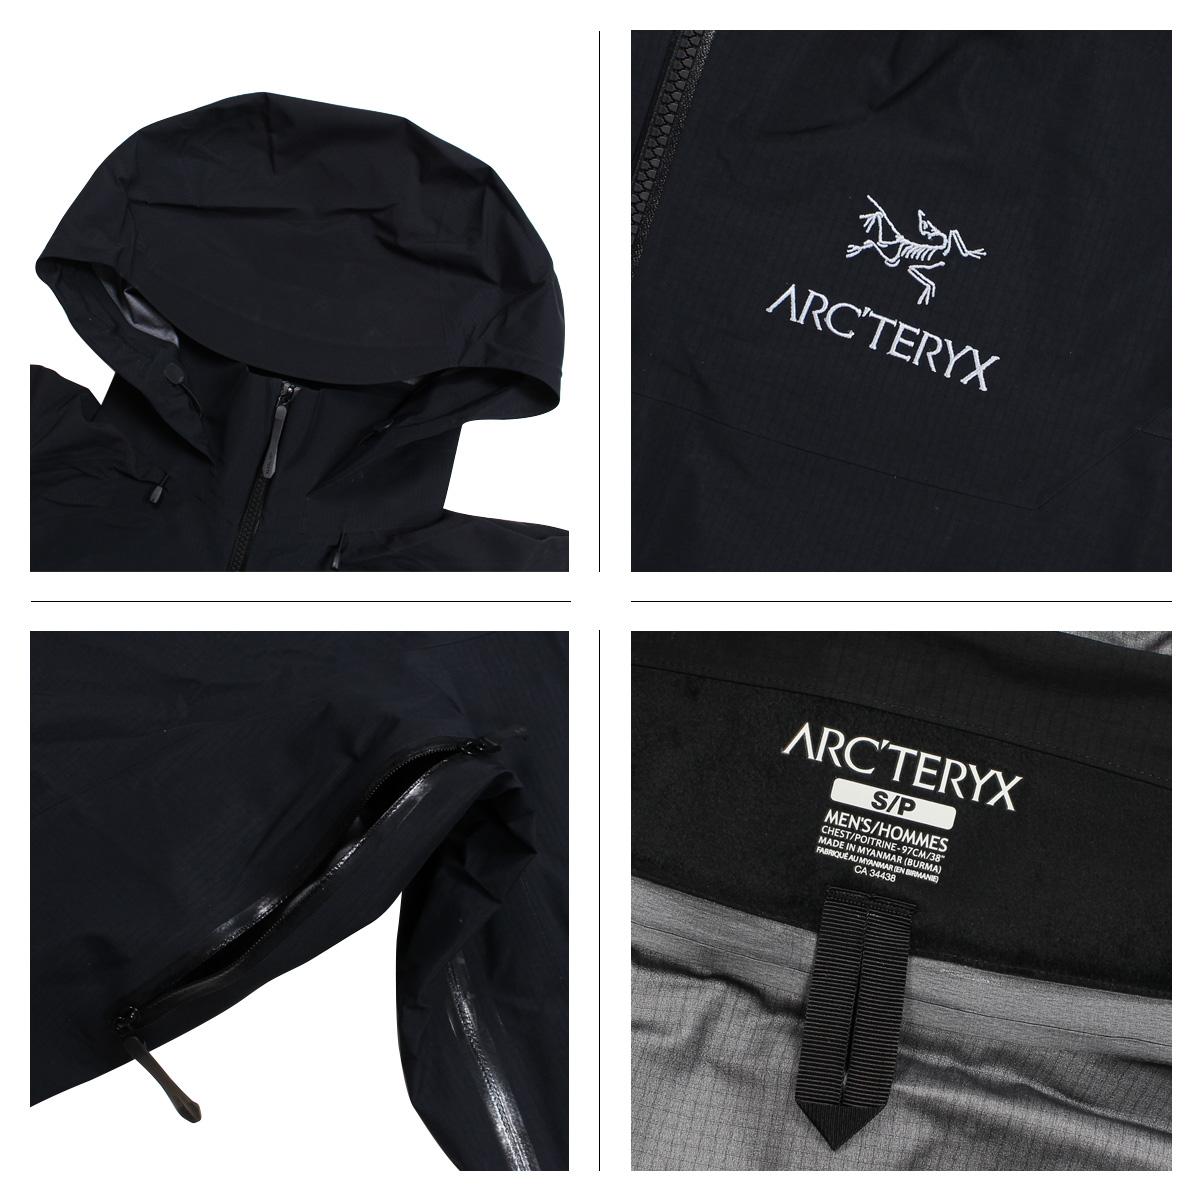 アークテリクス ARCTERYX ジャケット ベータ メンズ BETA AR JACKET ブラック ネイビー 黒 21782kXuZPi